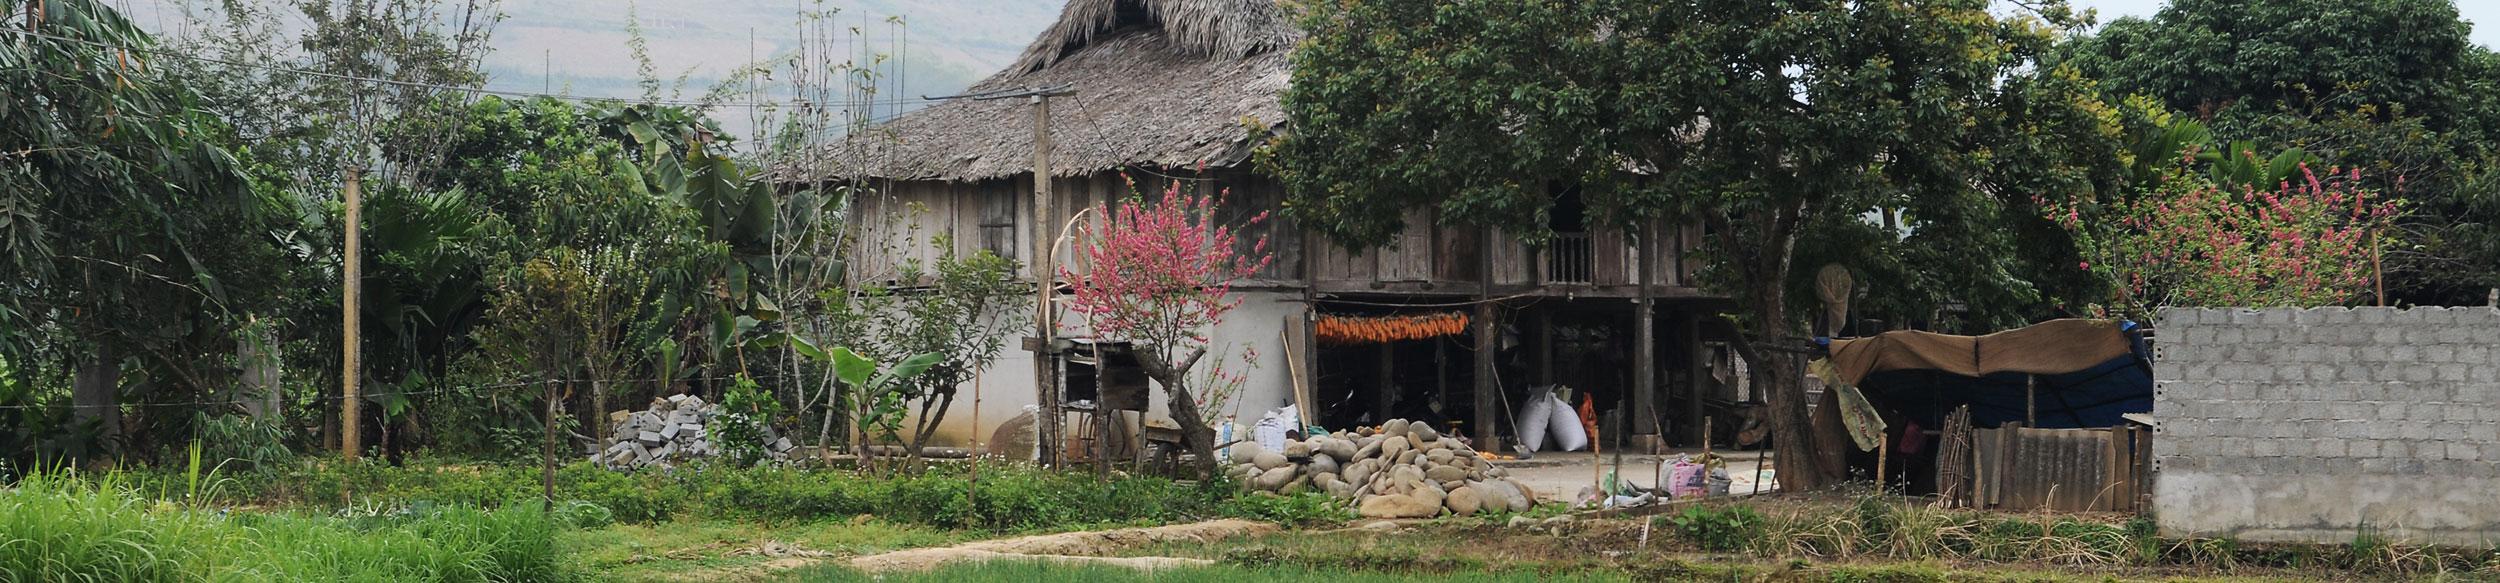 Maison de l'ethnie Thai dans la vallée de Nghia Lo au Vietnam